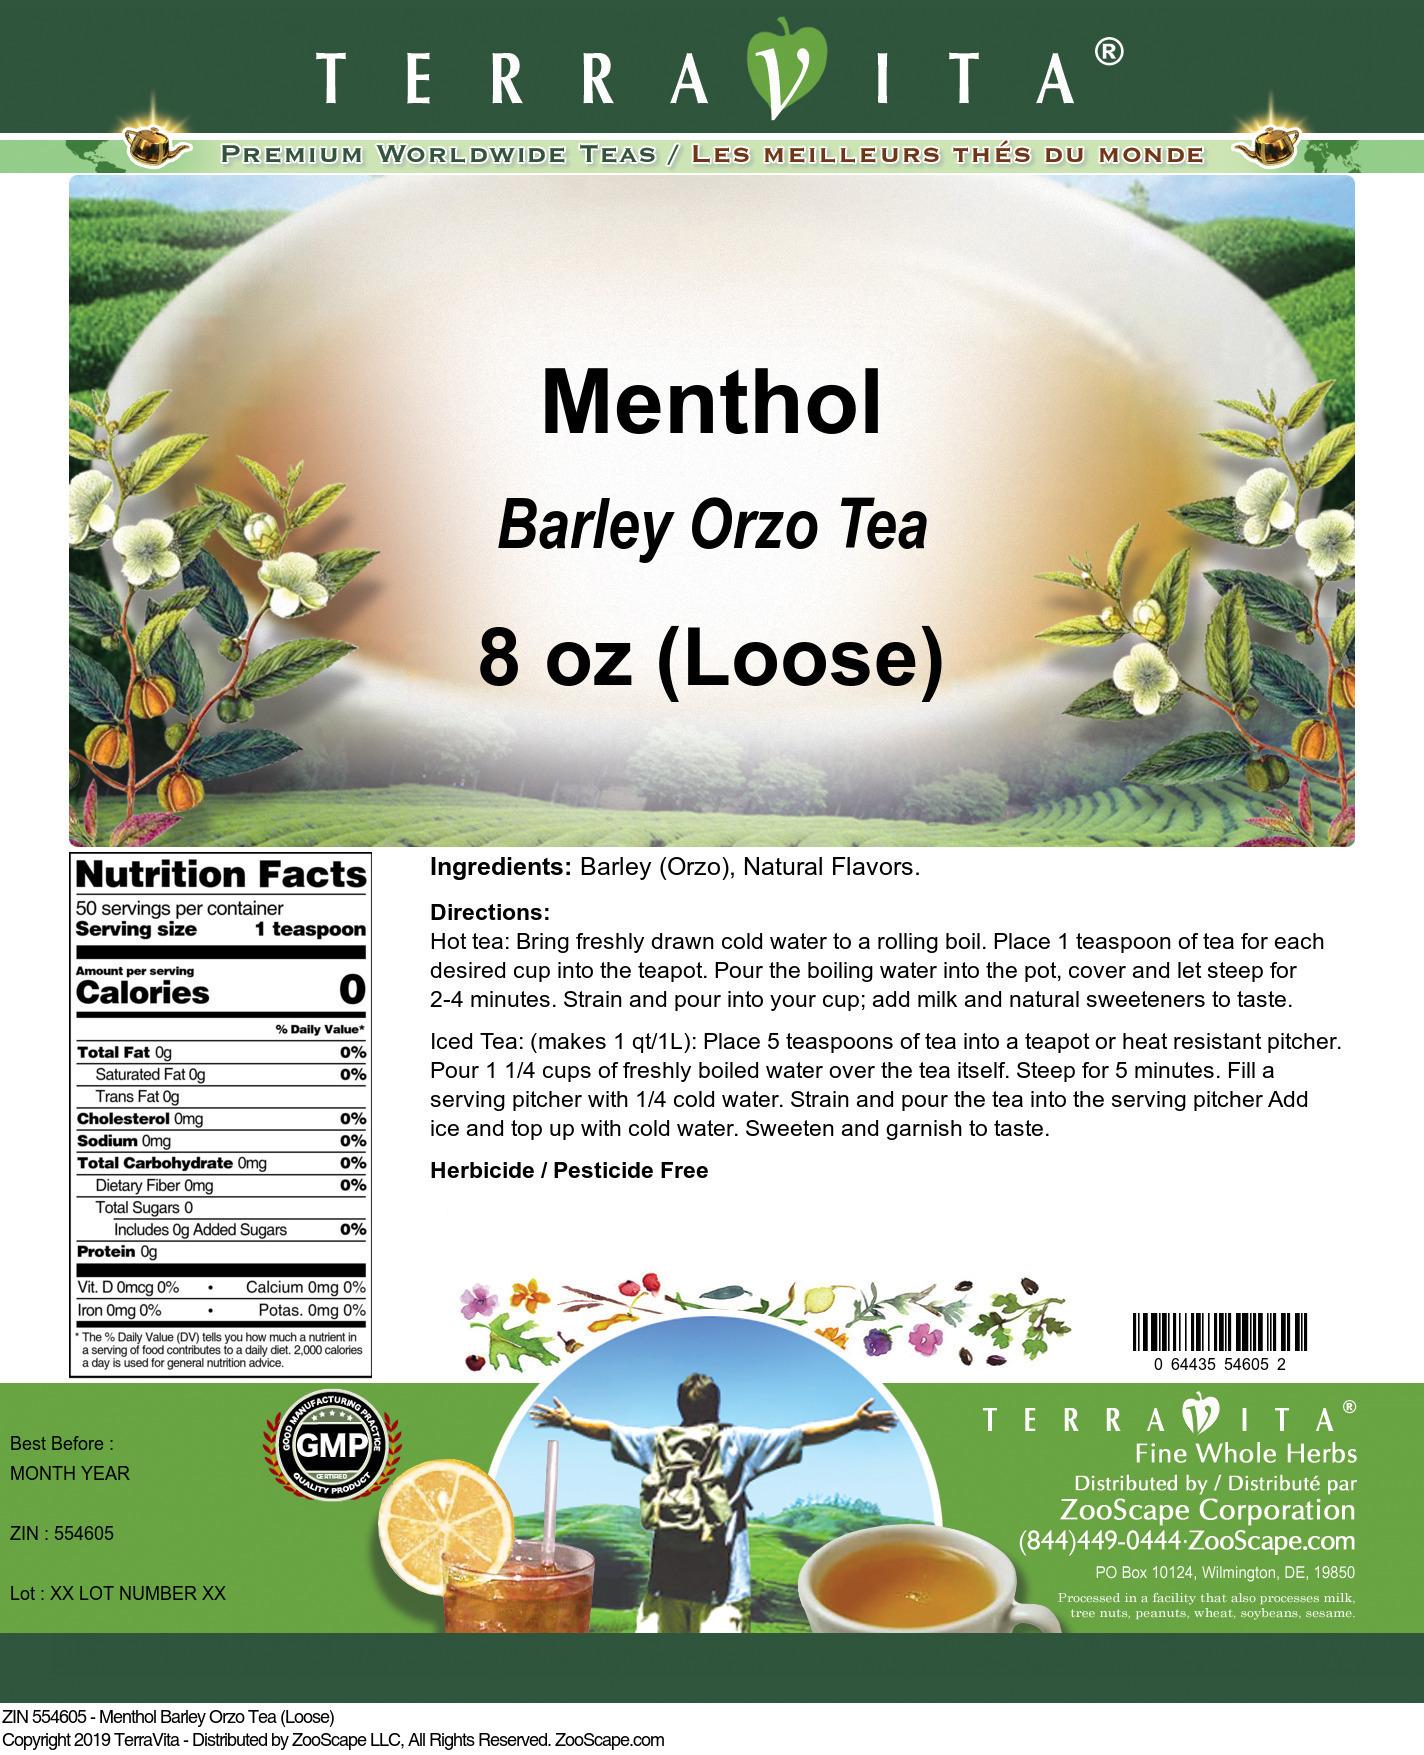 Menthol Barley Orzo Tea (Loose)